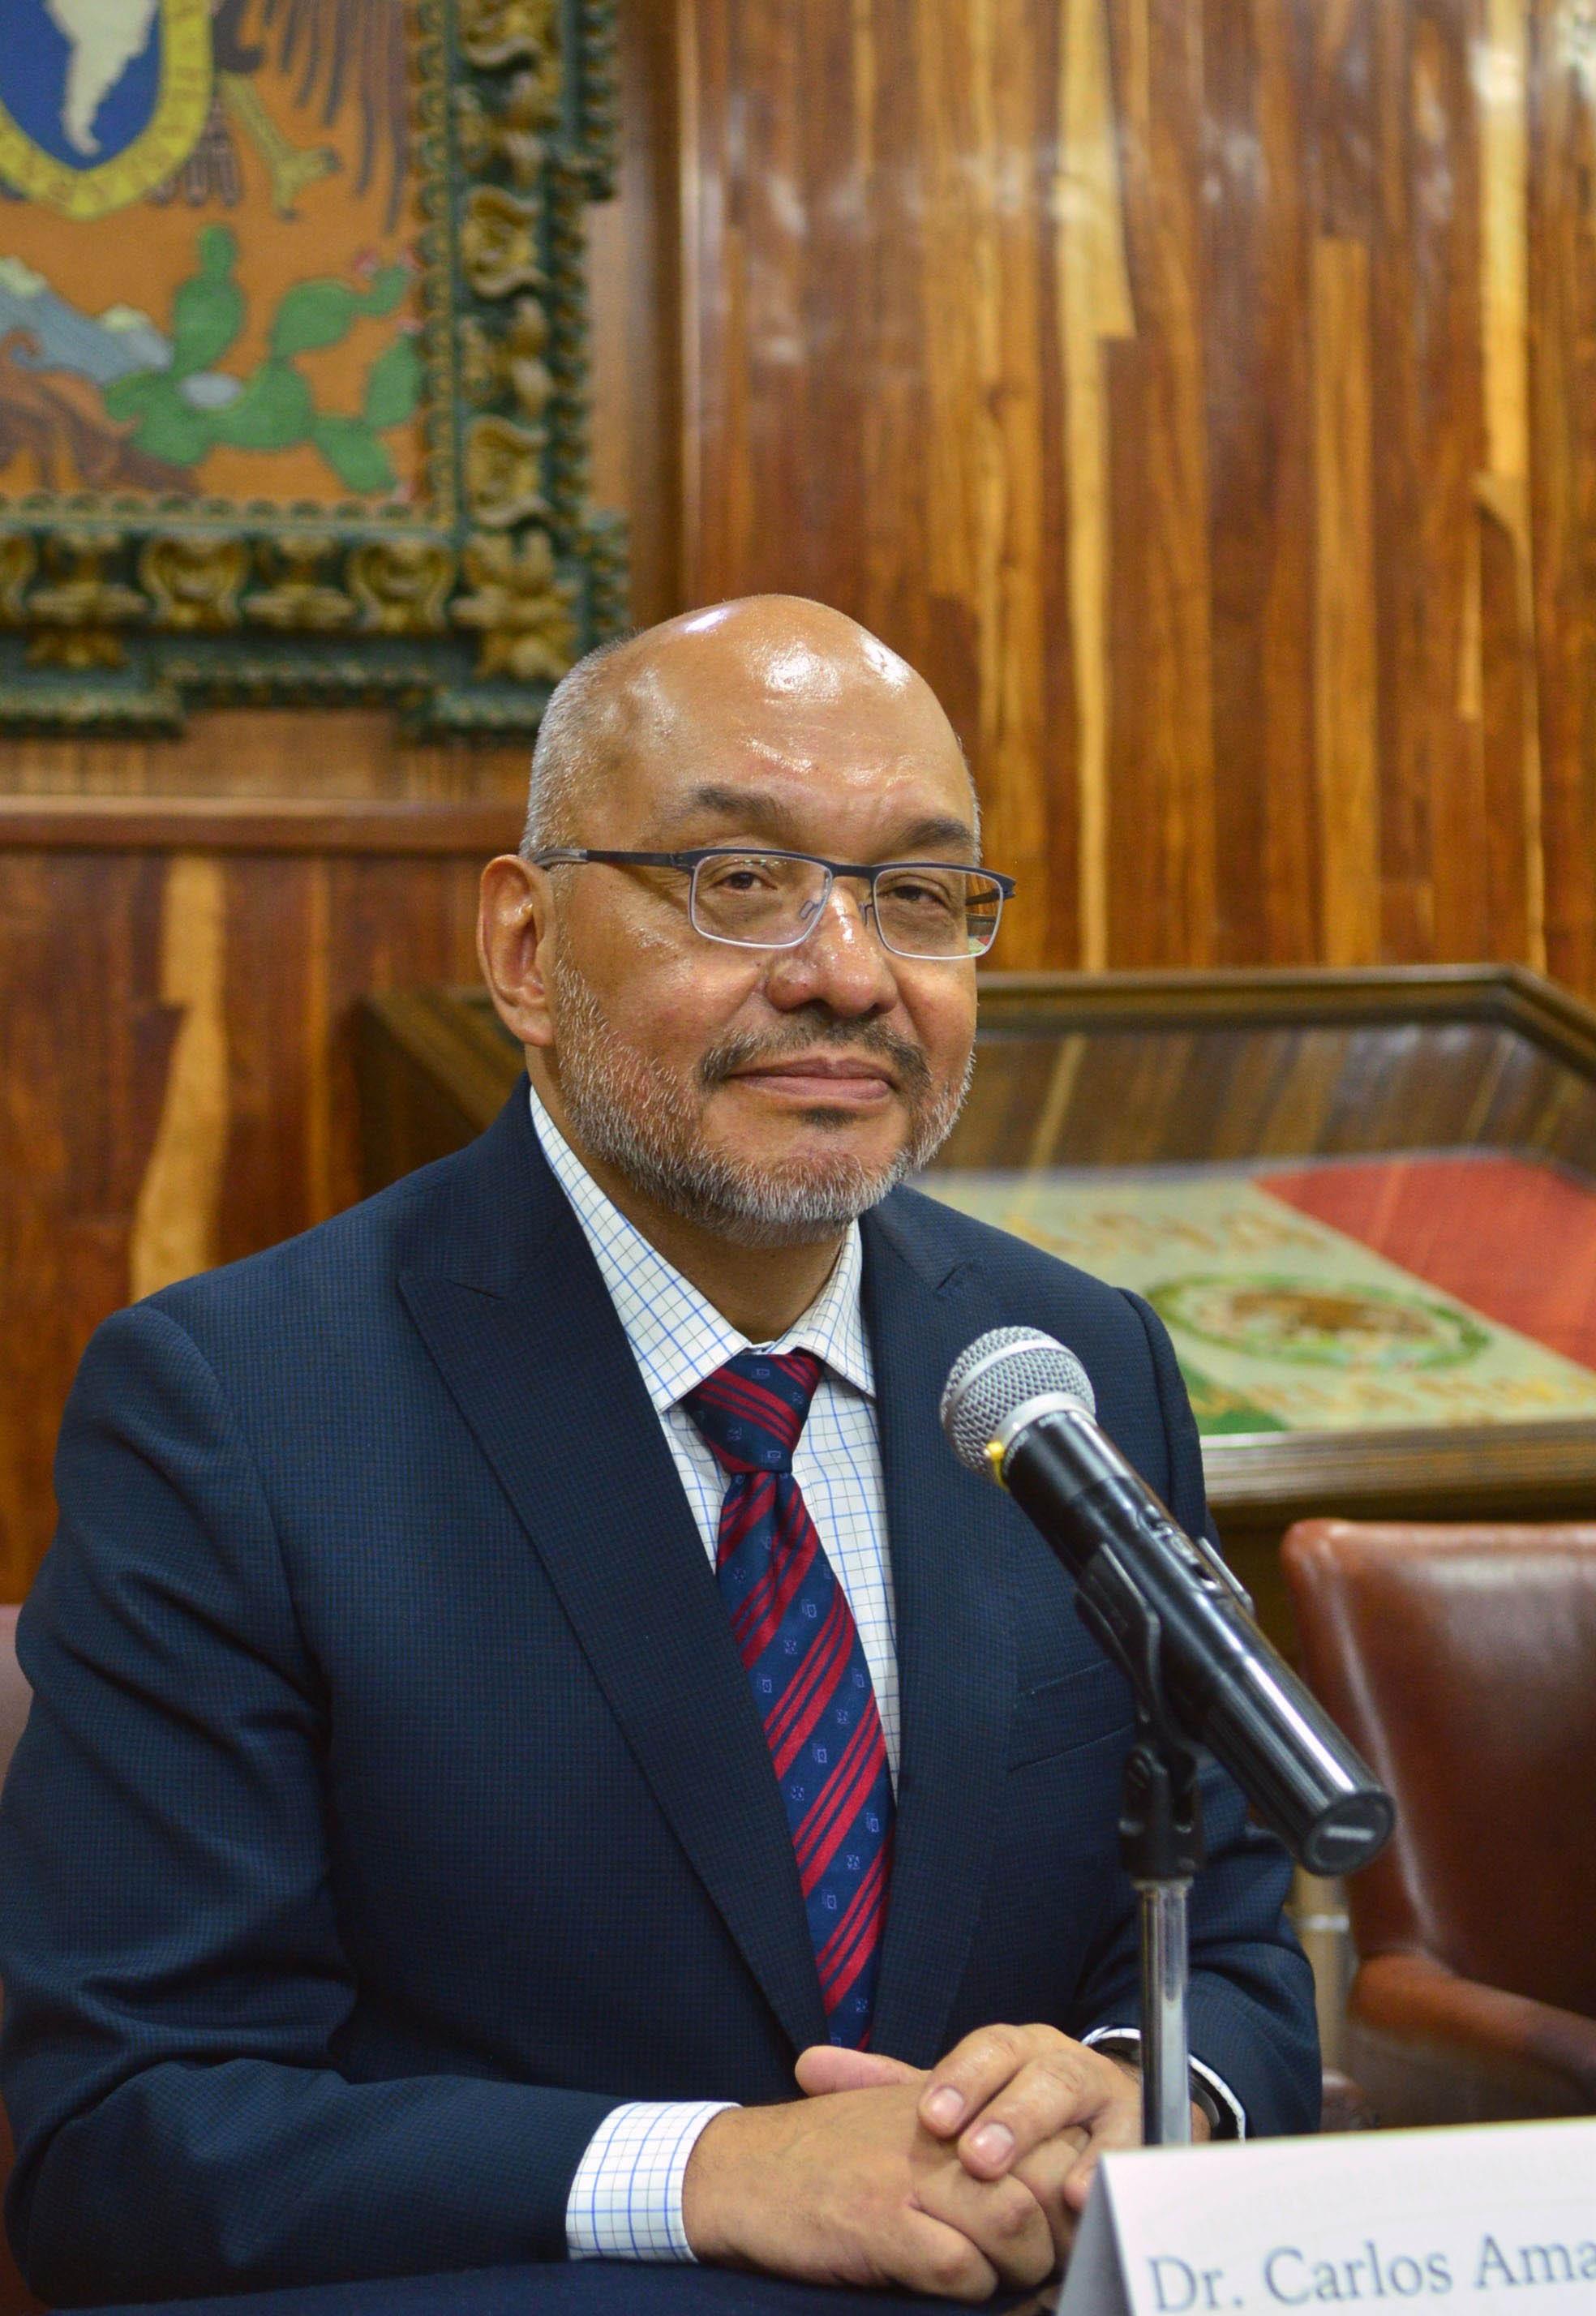 Asume Carlos Amador Bedolla la Dirección de la Facultad de Química de la UNAM